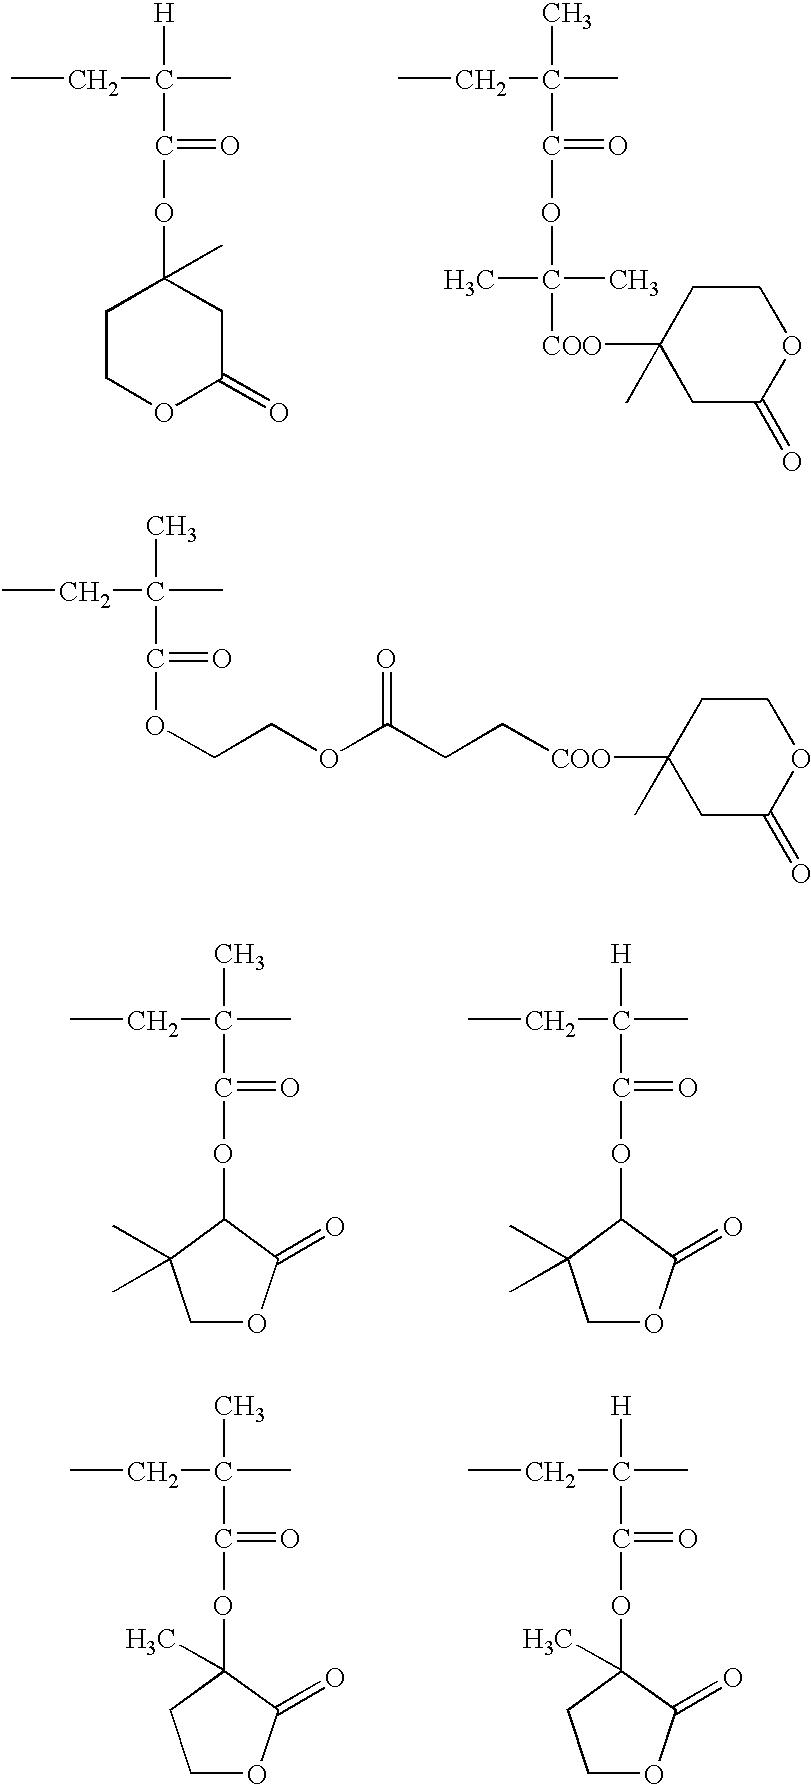 Figure US06596458-20030722-C00041